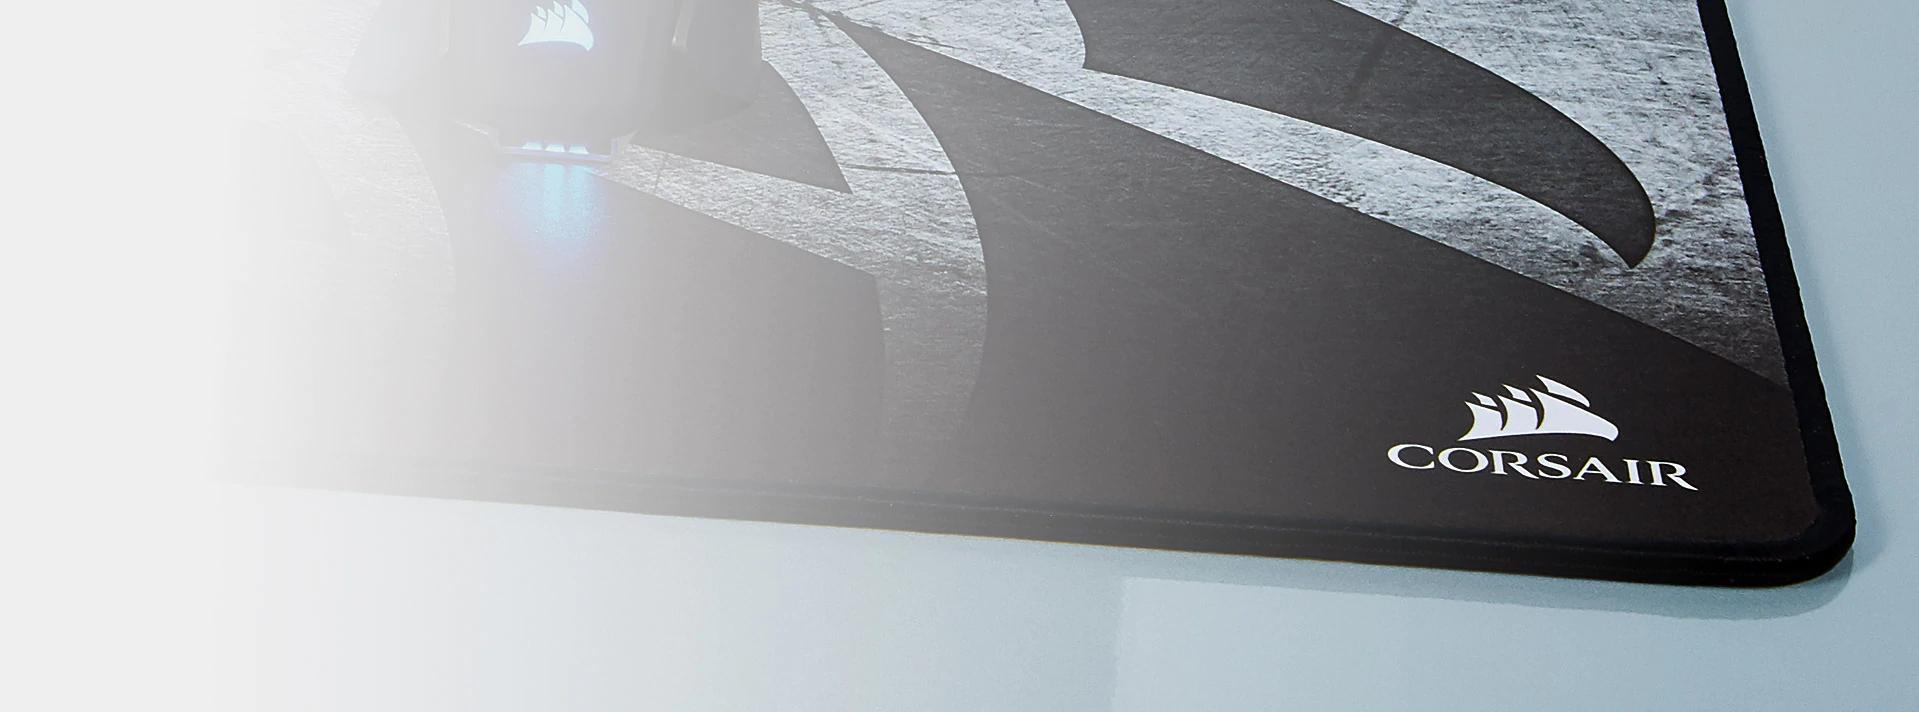 Bàn di chuột Corsair MM350 X-Large 450 x 400 x 5mm CH-9413561-WW Xám  có bề mặt chống bong tróc, sờn vải